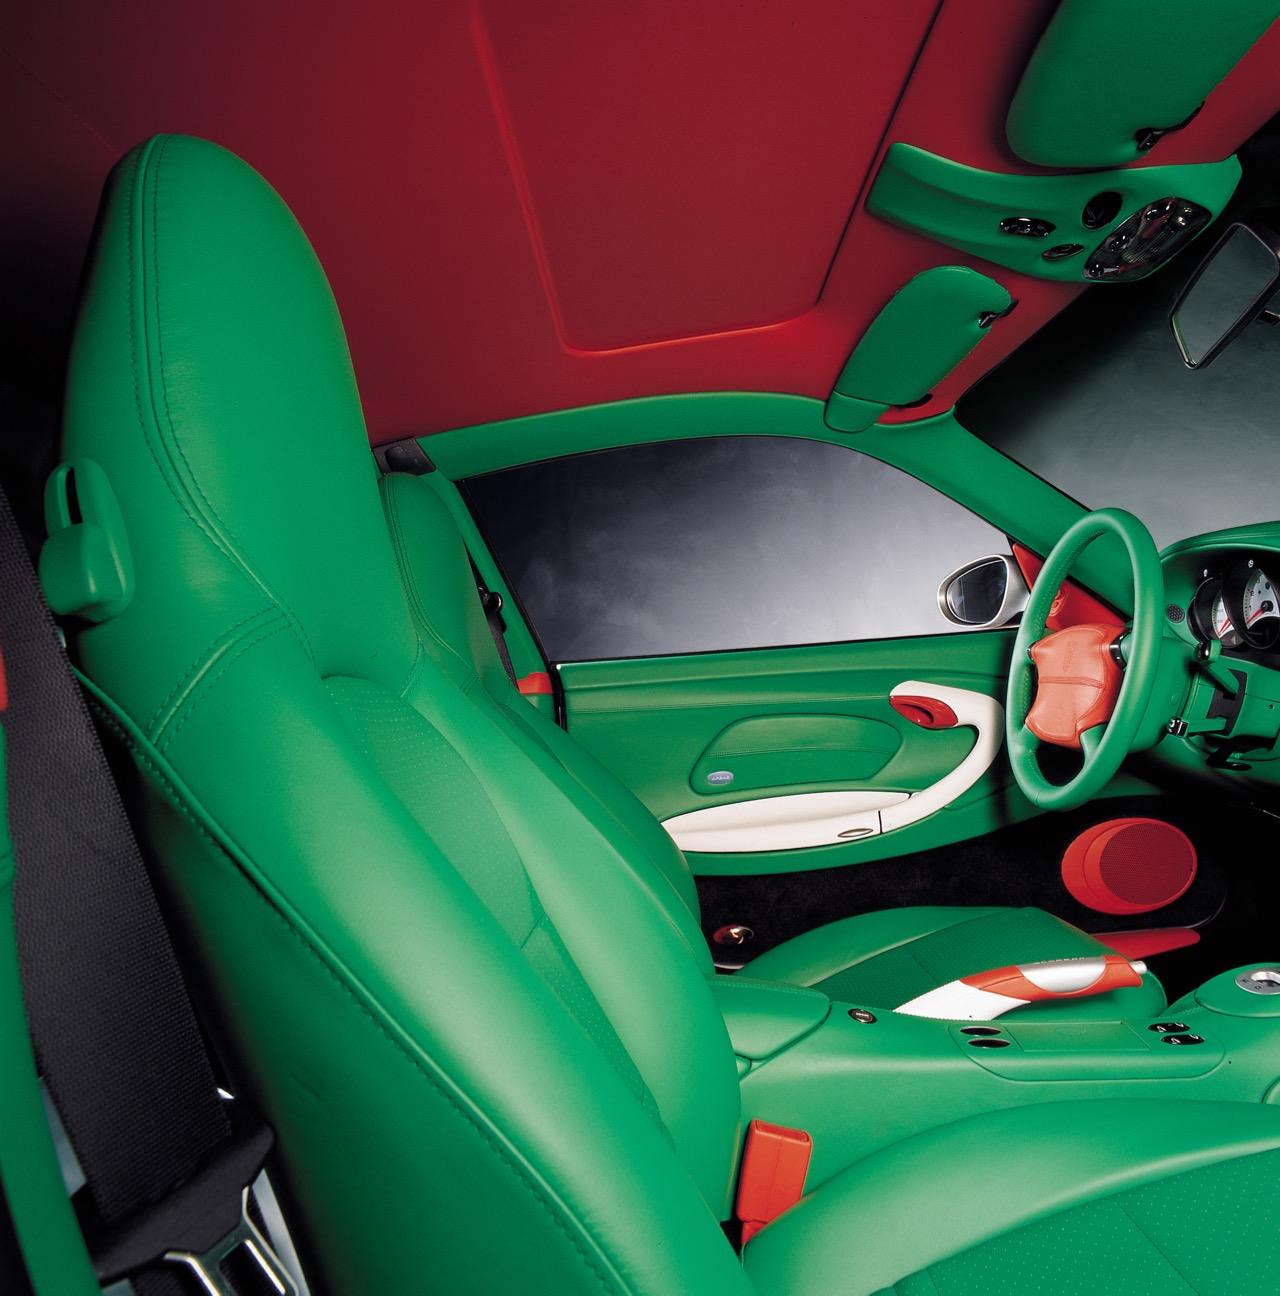 Porsche Exclusive Sportwagen Manufaktur Individualisierung auf höchstem Niveau Porsche 959 Porsche 911 996 Supercar Supersportwagen Designer Orange Carlo Rampazzi 6 - Porsche Exclusive: Von goldenen Endrohren und belederten Knöpfen